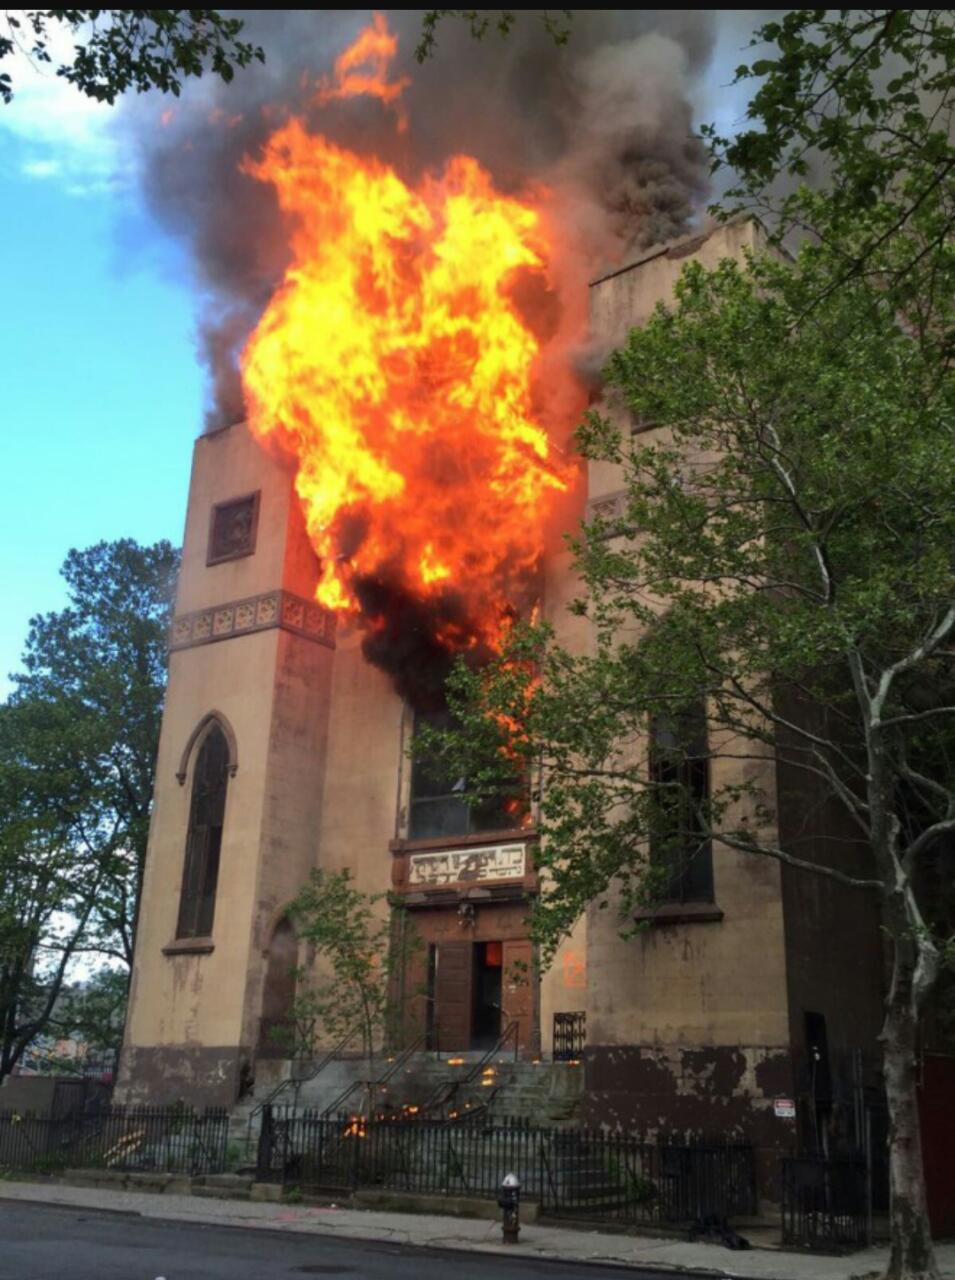 השריפה בבית הכנסת העתיק: נעצר נער בן 14